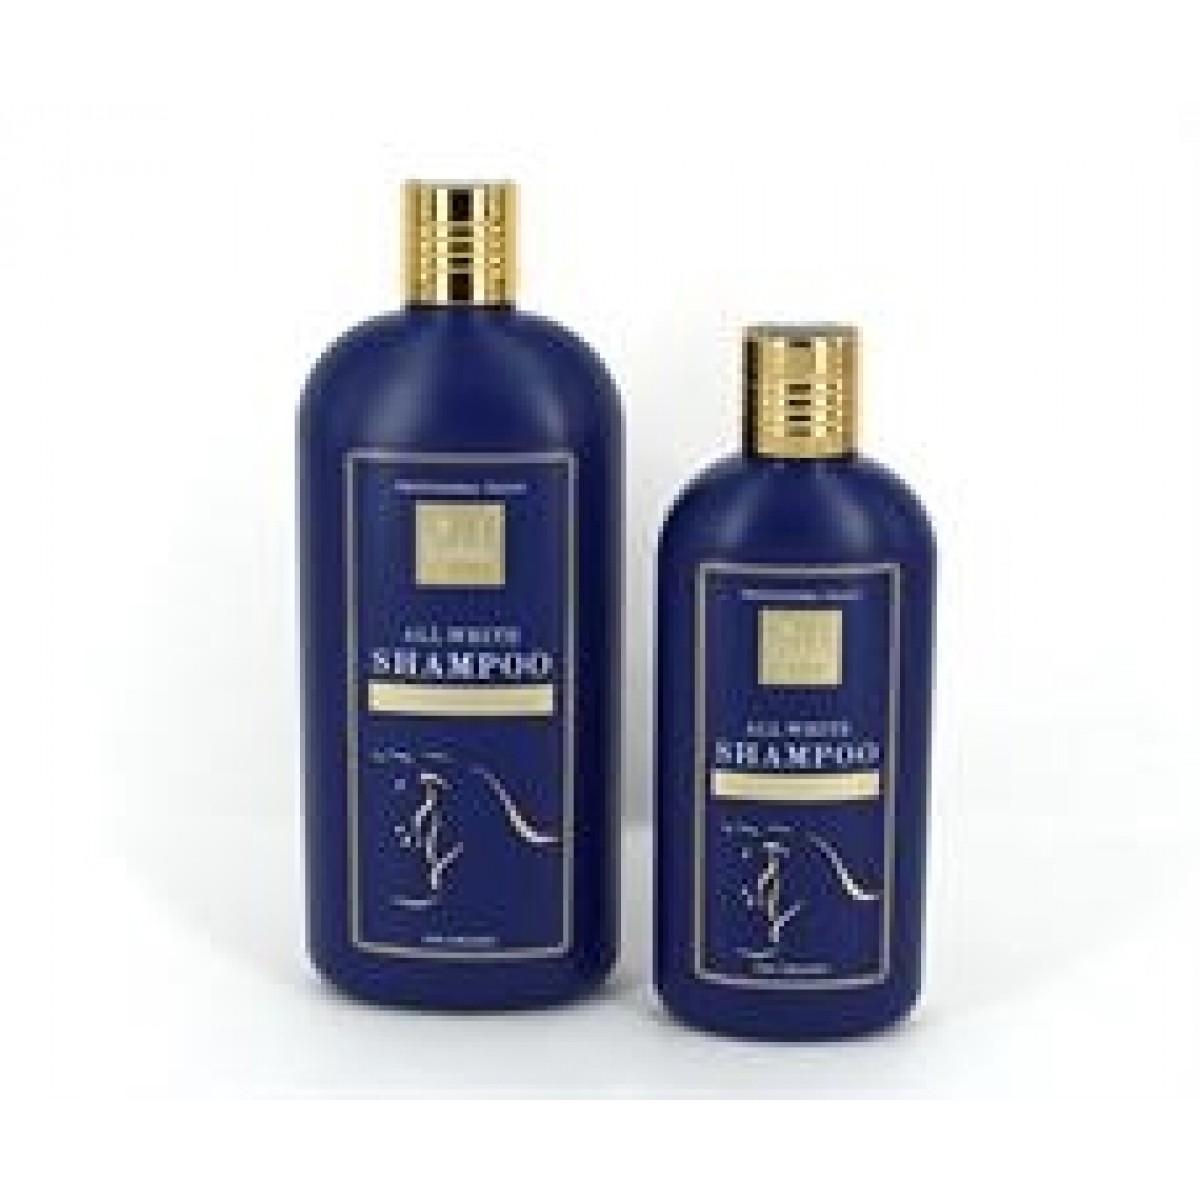 Nathalie All White Shampoo 250ml